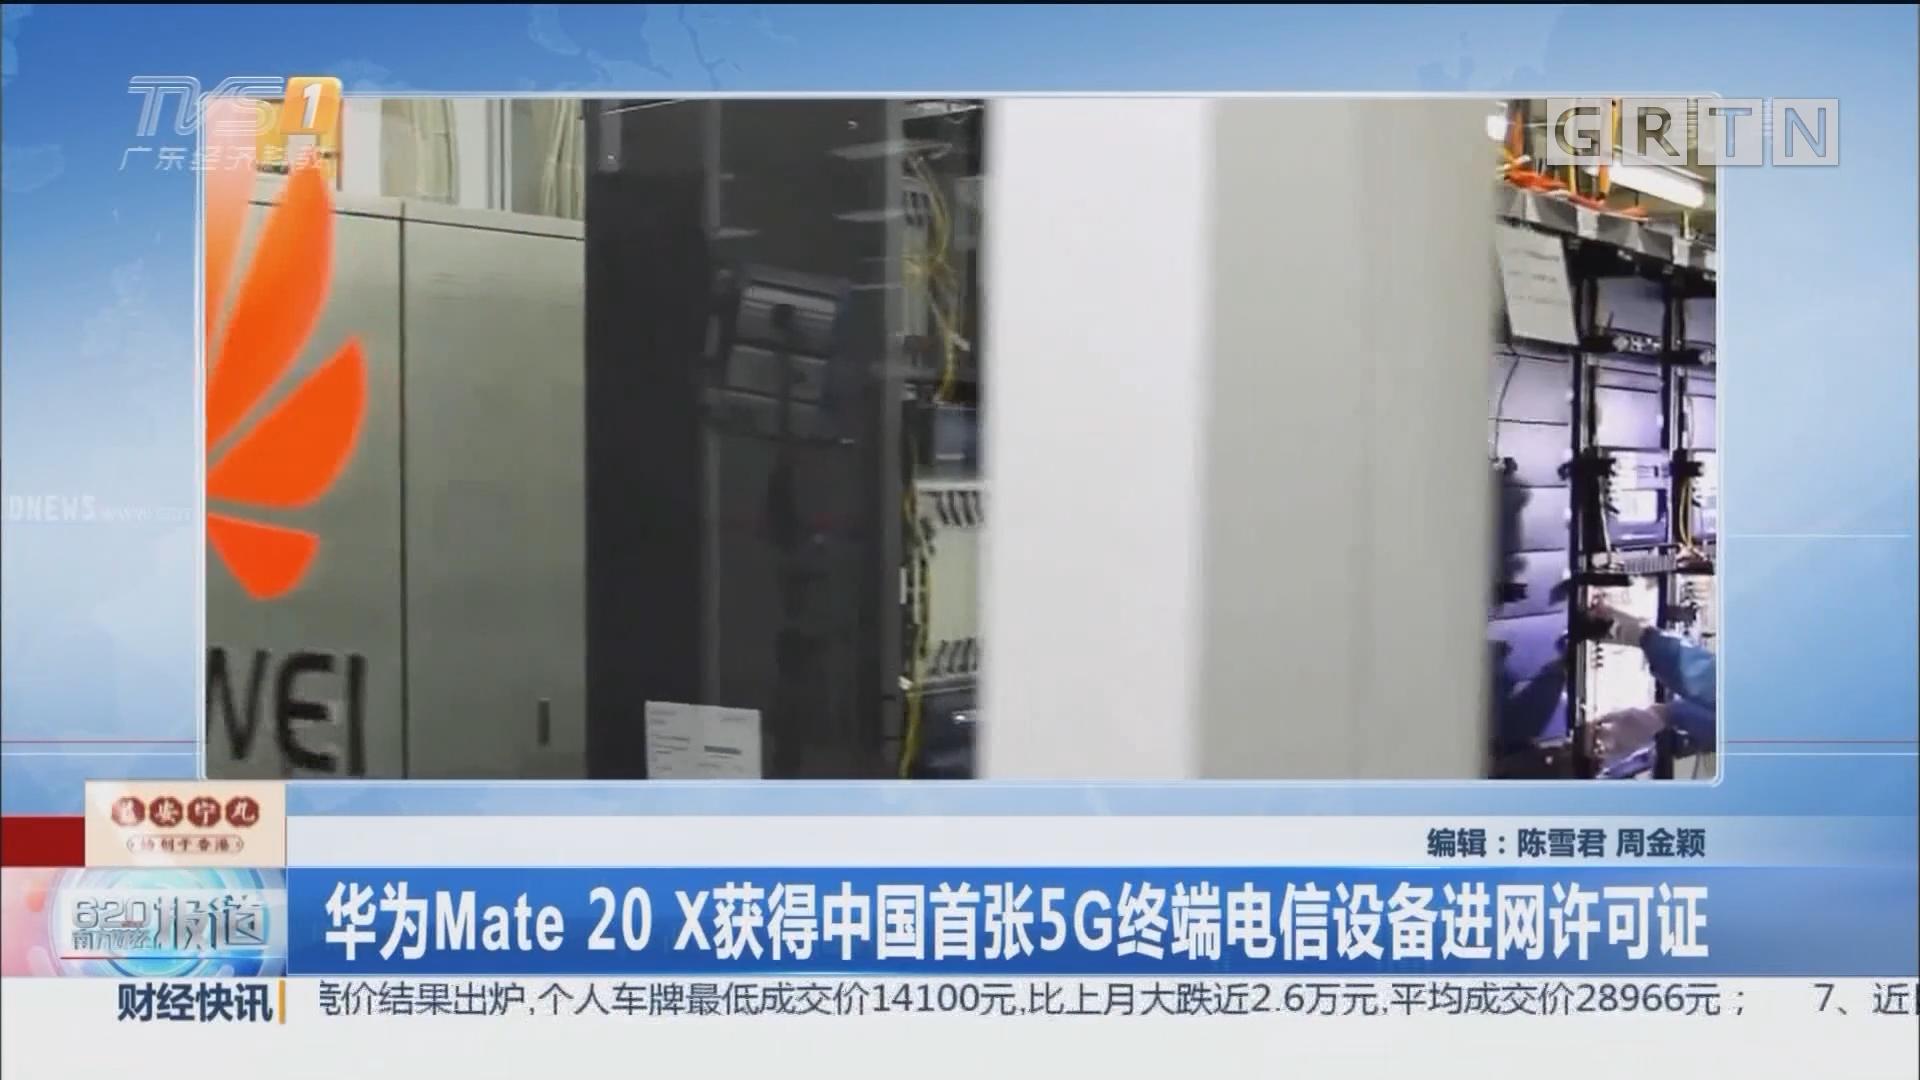 华为Mate 20 X获得中国首张5G终端电信设备进网许可证